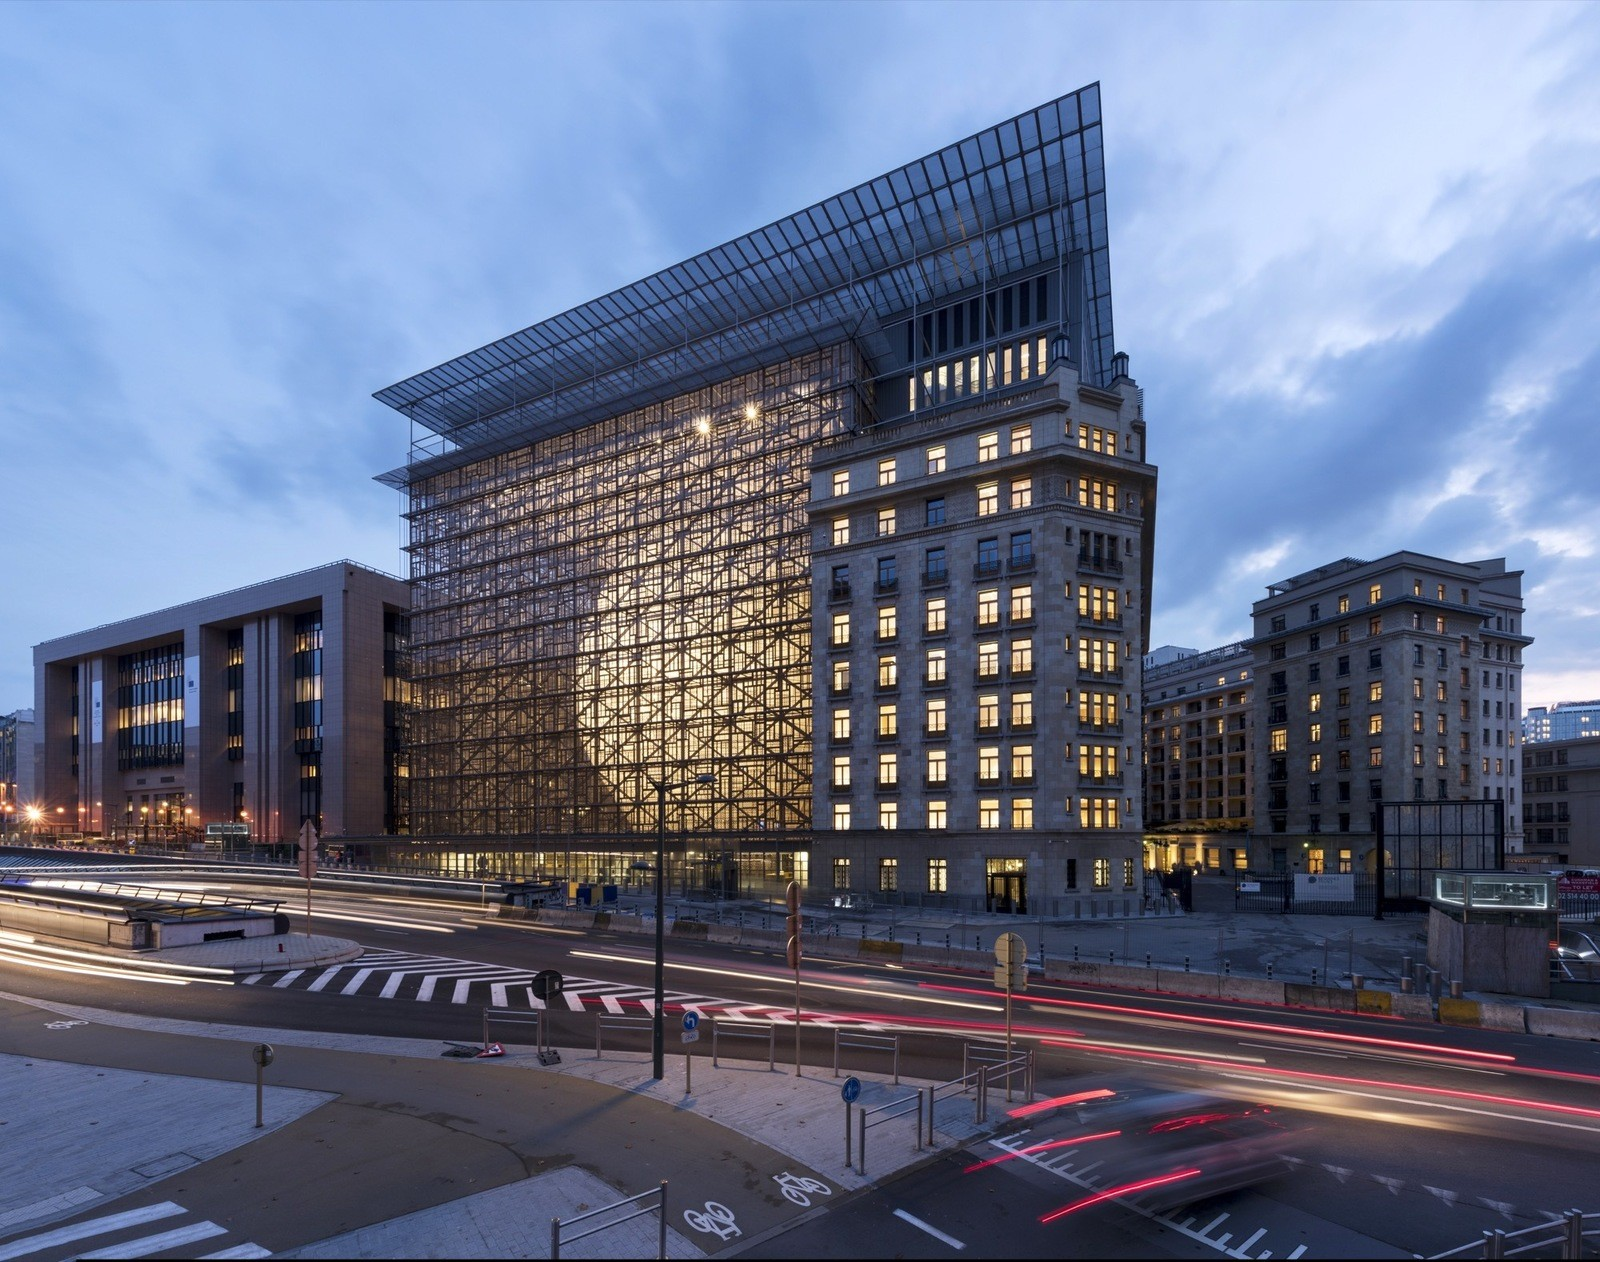 Брюссельская штаб-квартира ЕС и Совета Европейского союза